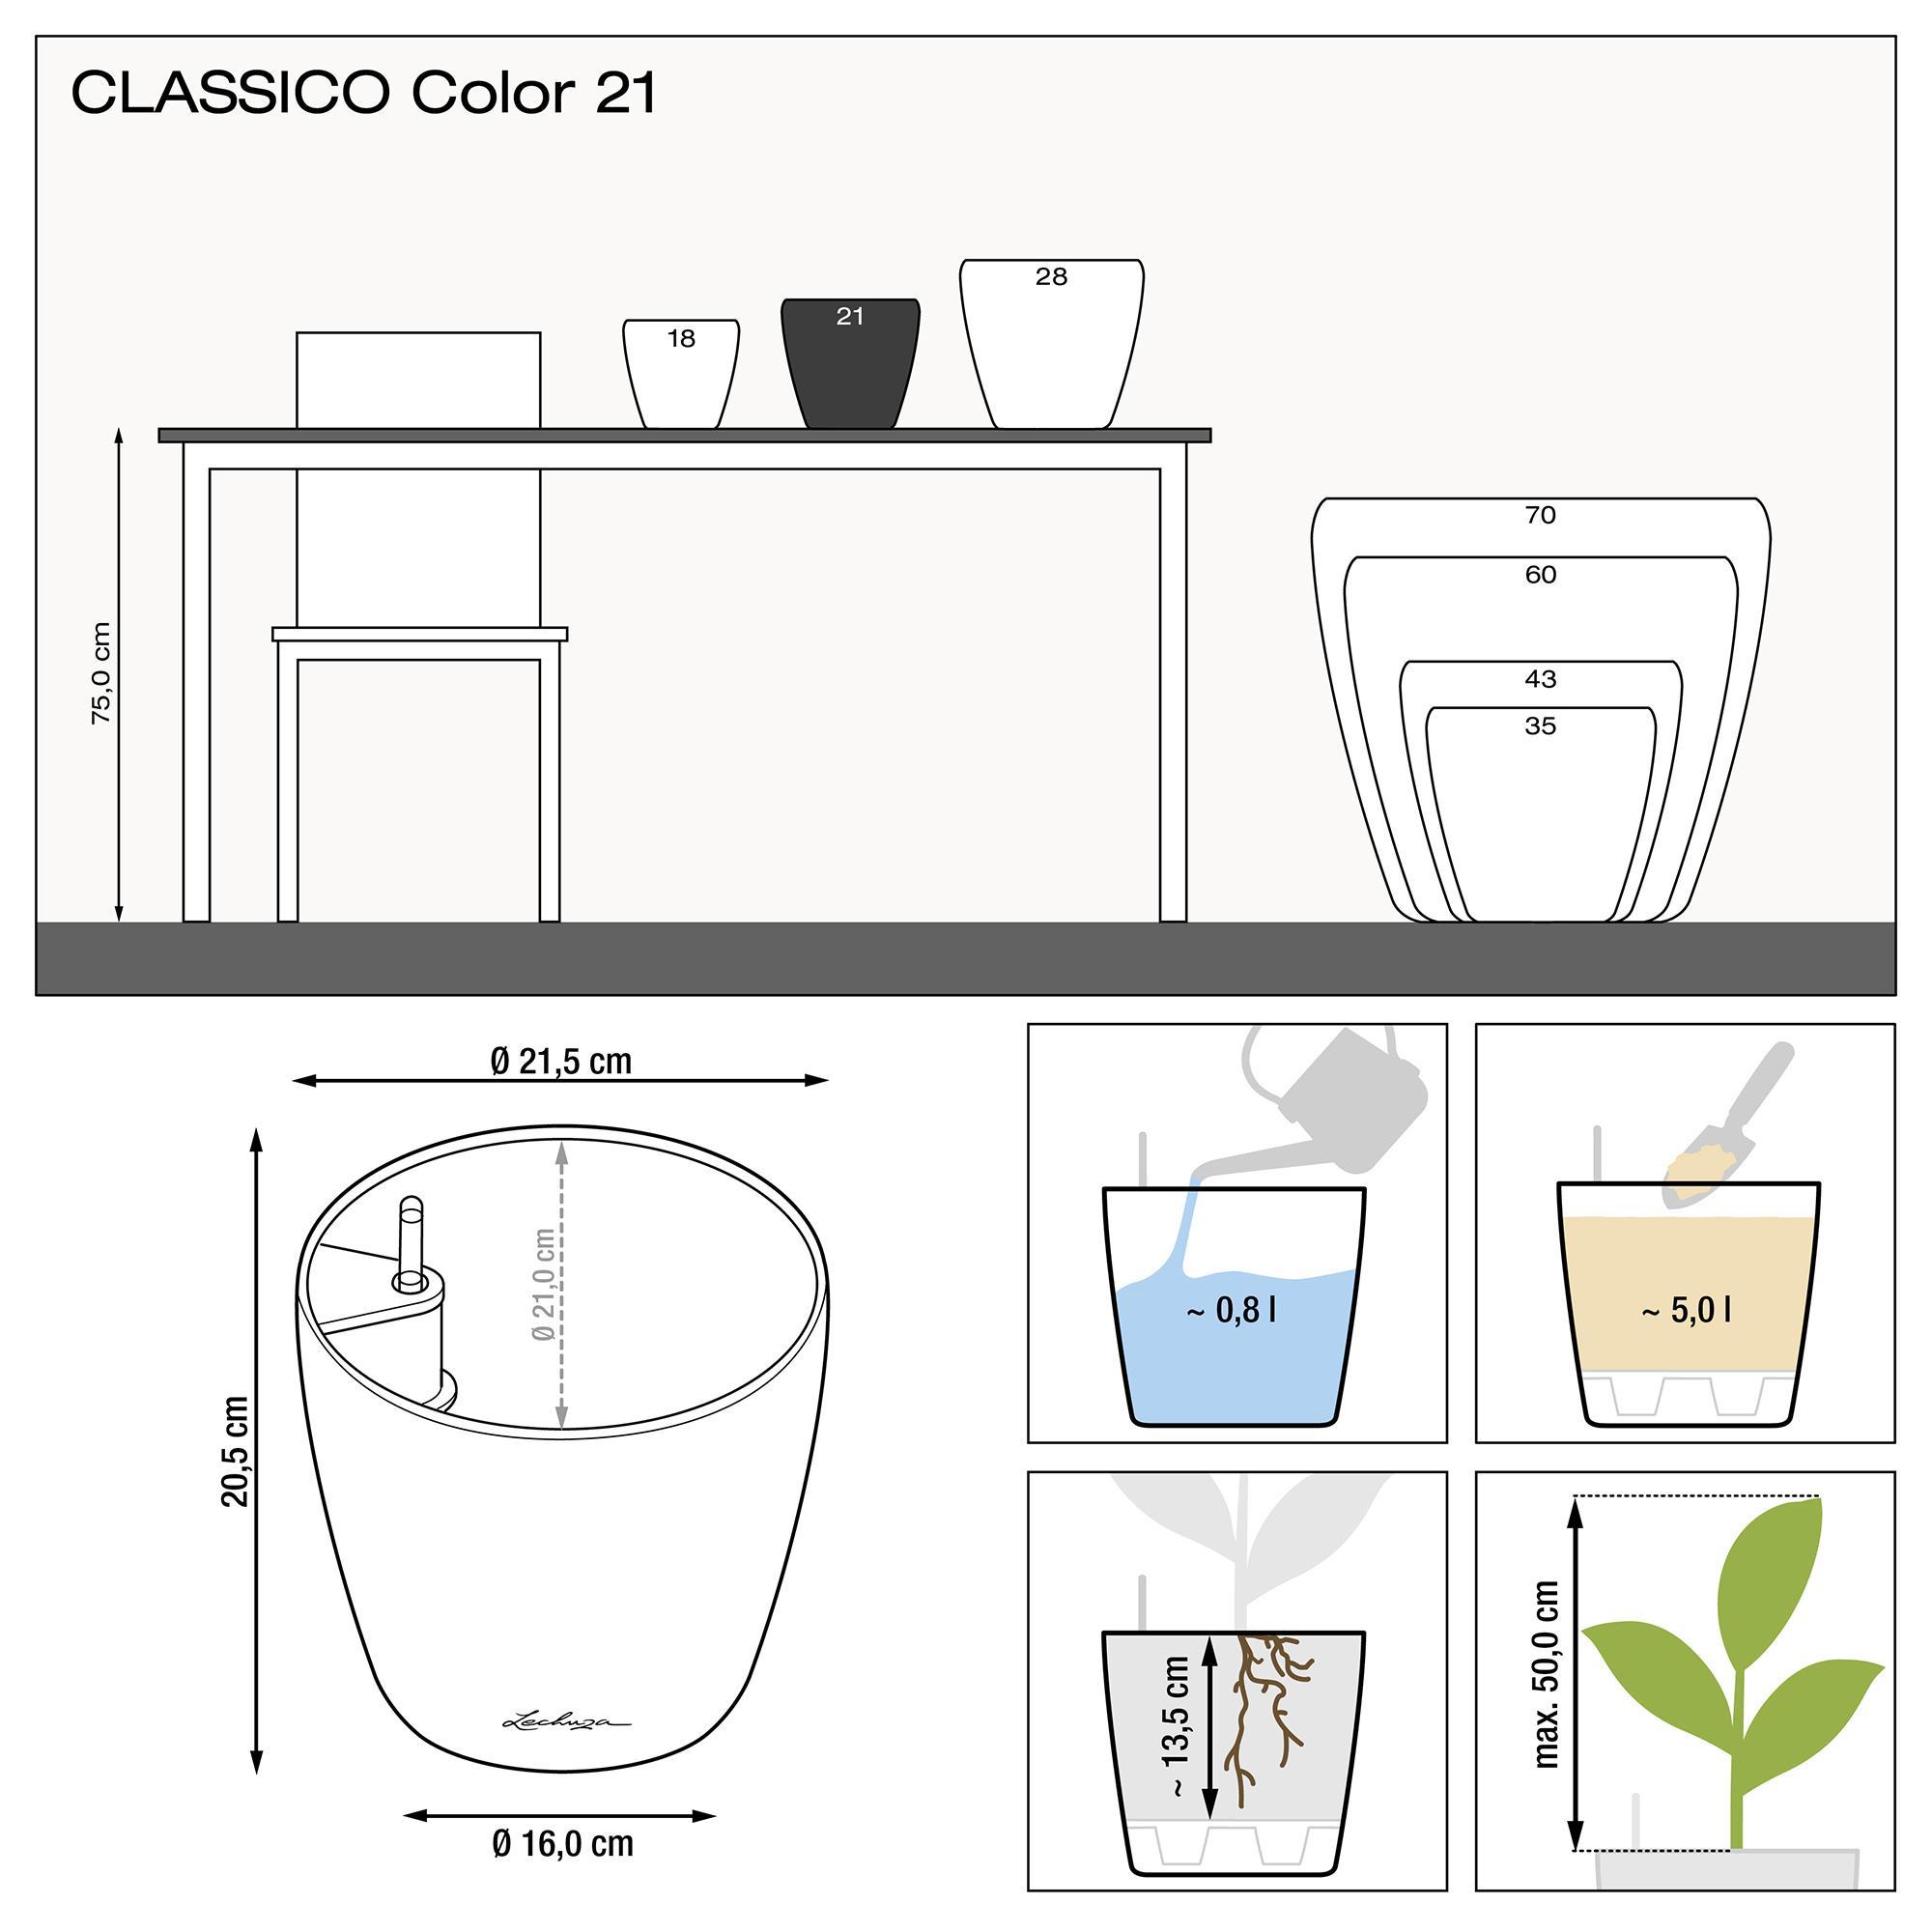 CLASSICO Color 21 white - Image 2